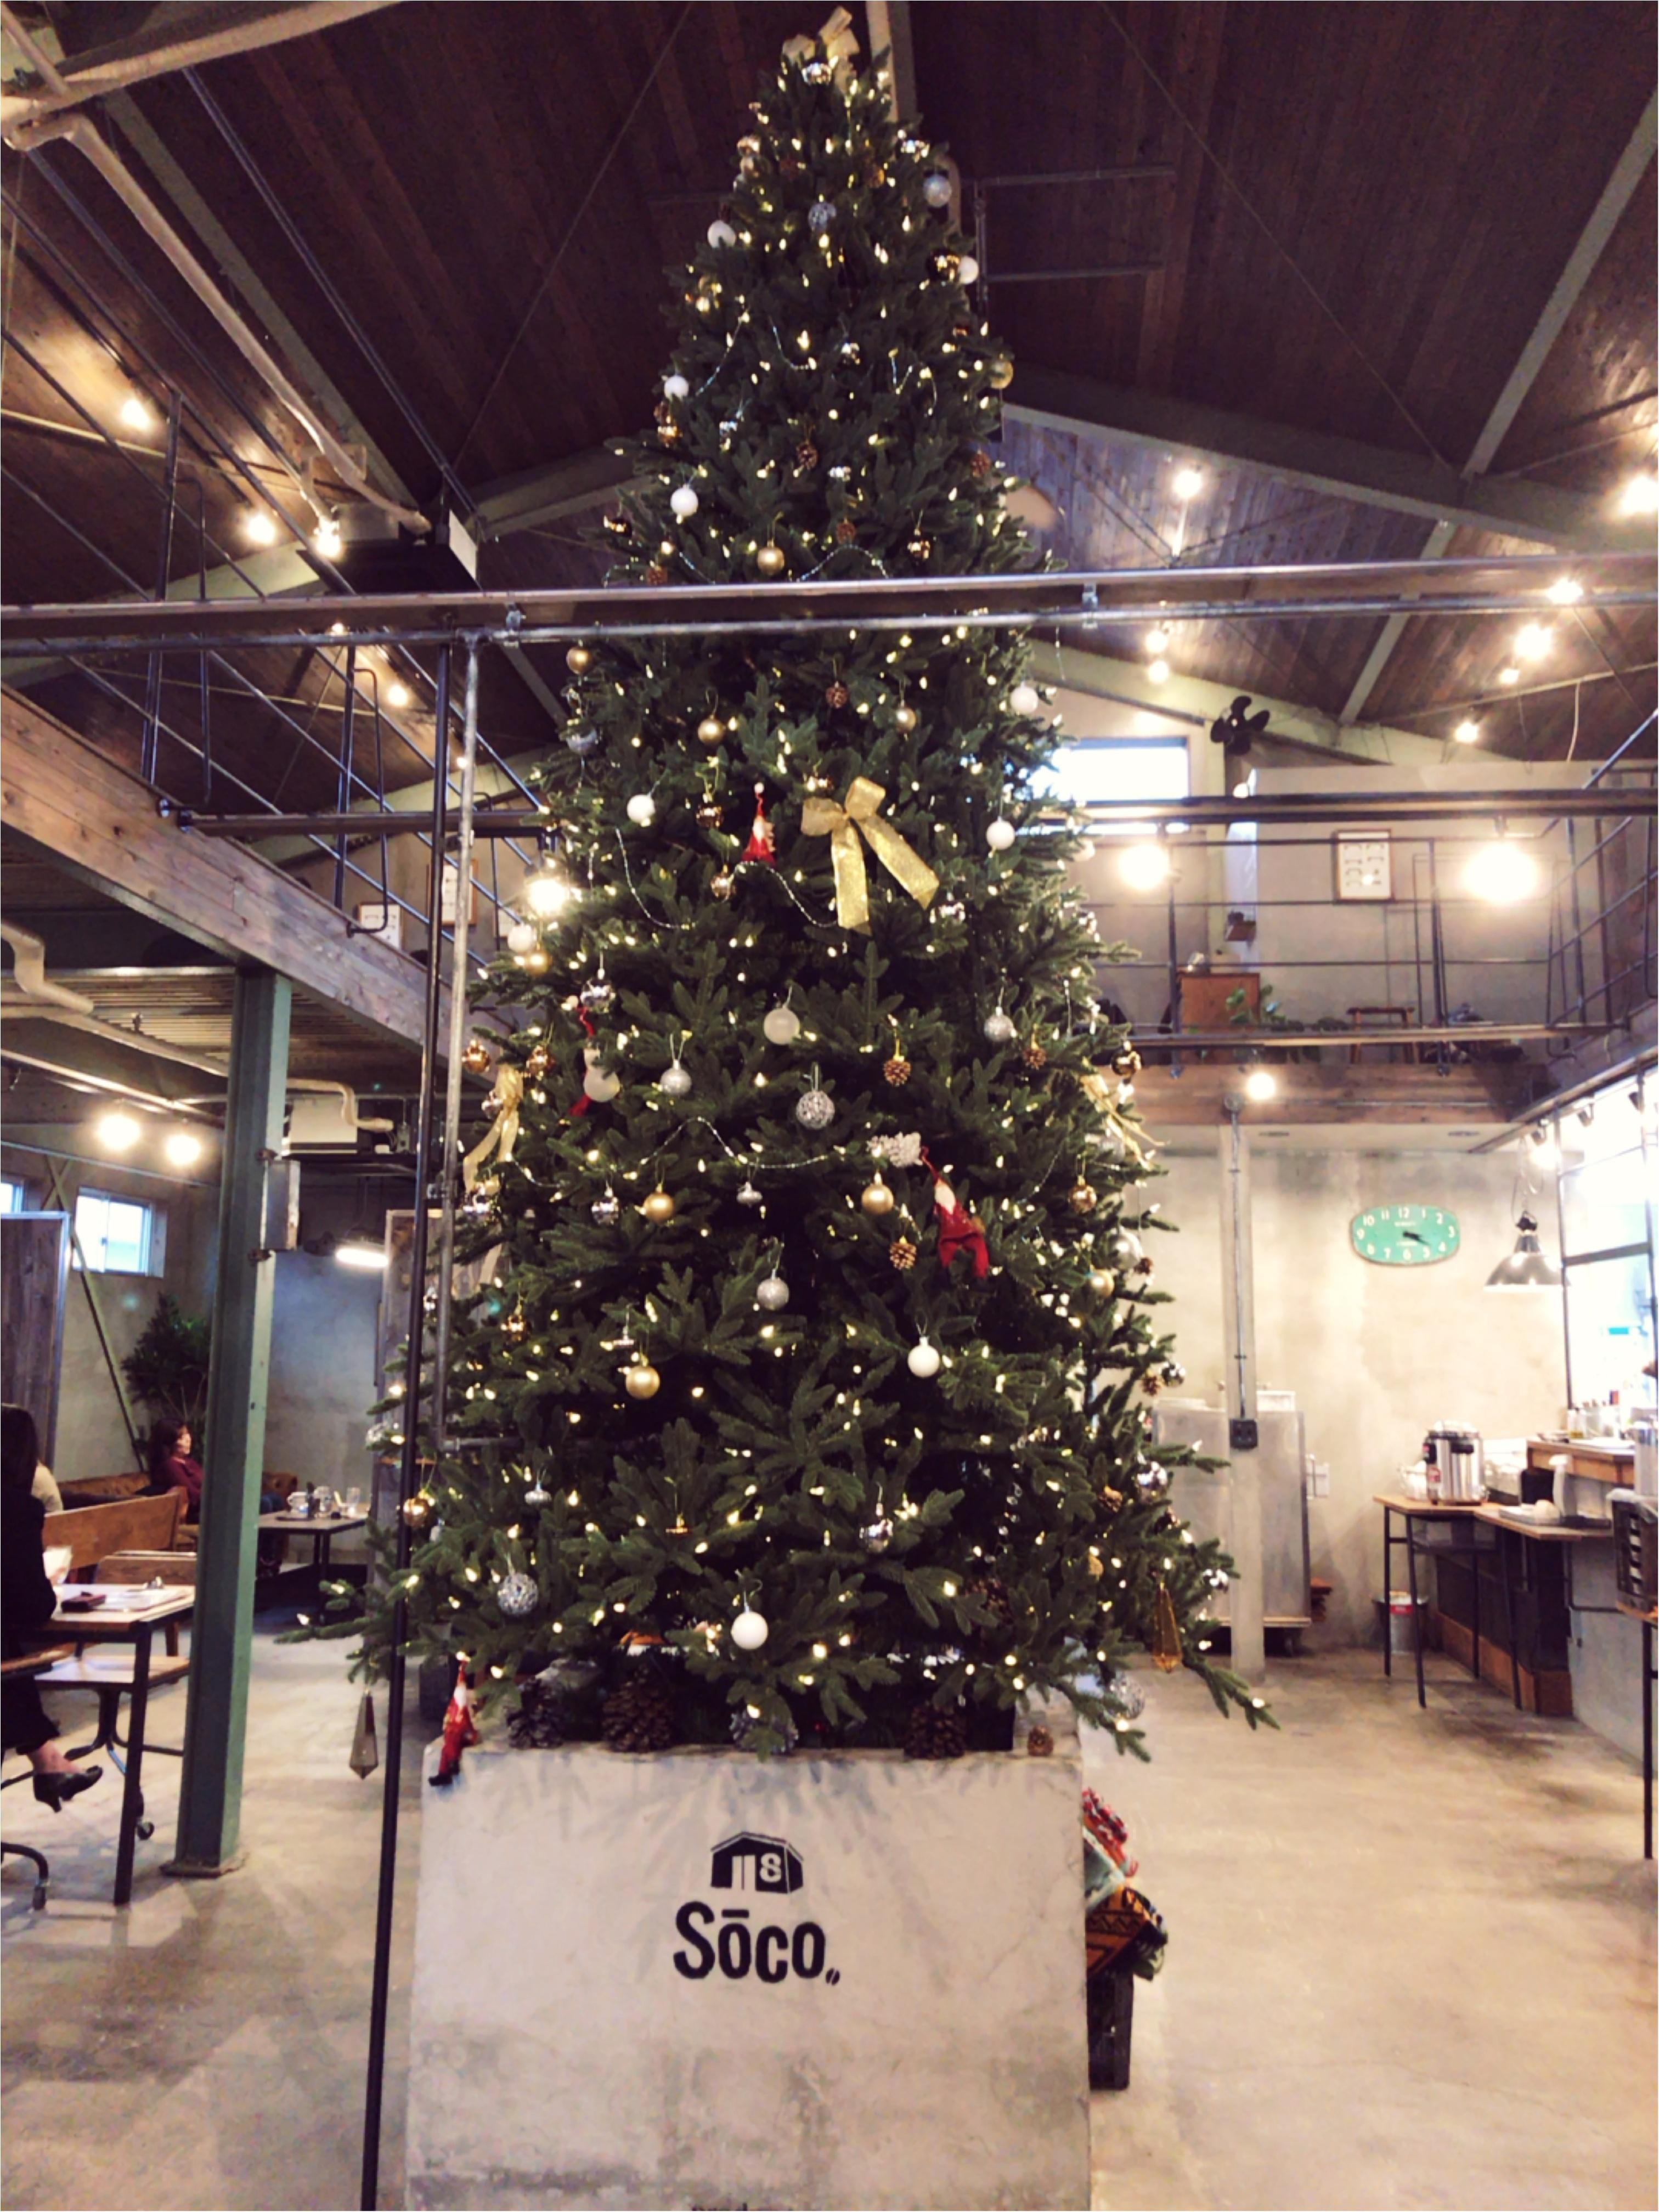 【Cafe】浜松カフェ巡り② 倉庫をリノベーションしたおしゃれカフェ♡ 広い空間でゆったりとコーヒータイム♡_2